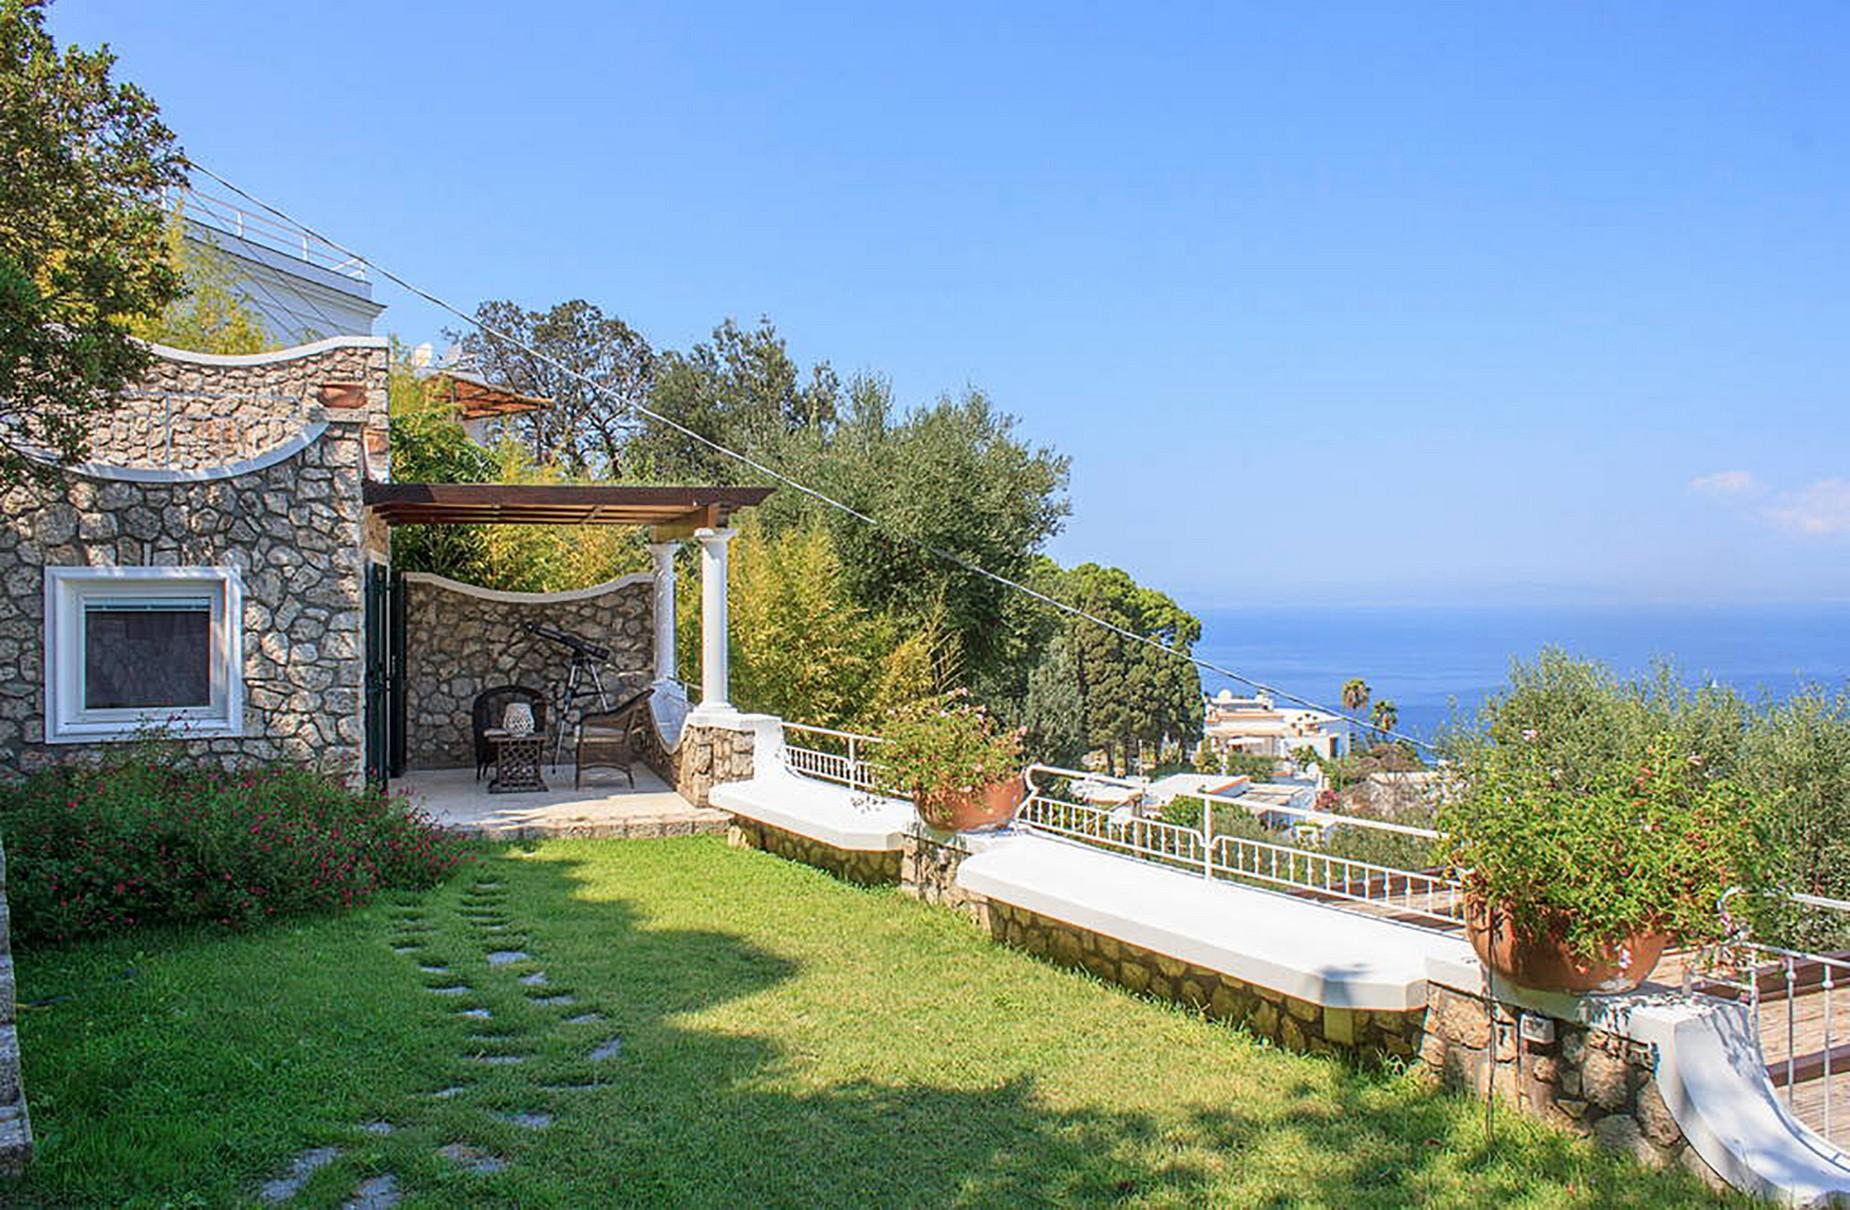 Villa in Vendita a Capri: 5 locali, 150 mq - Foto 4